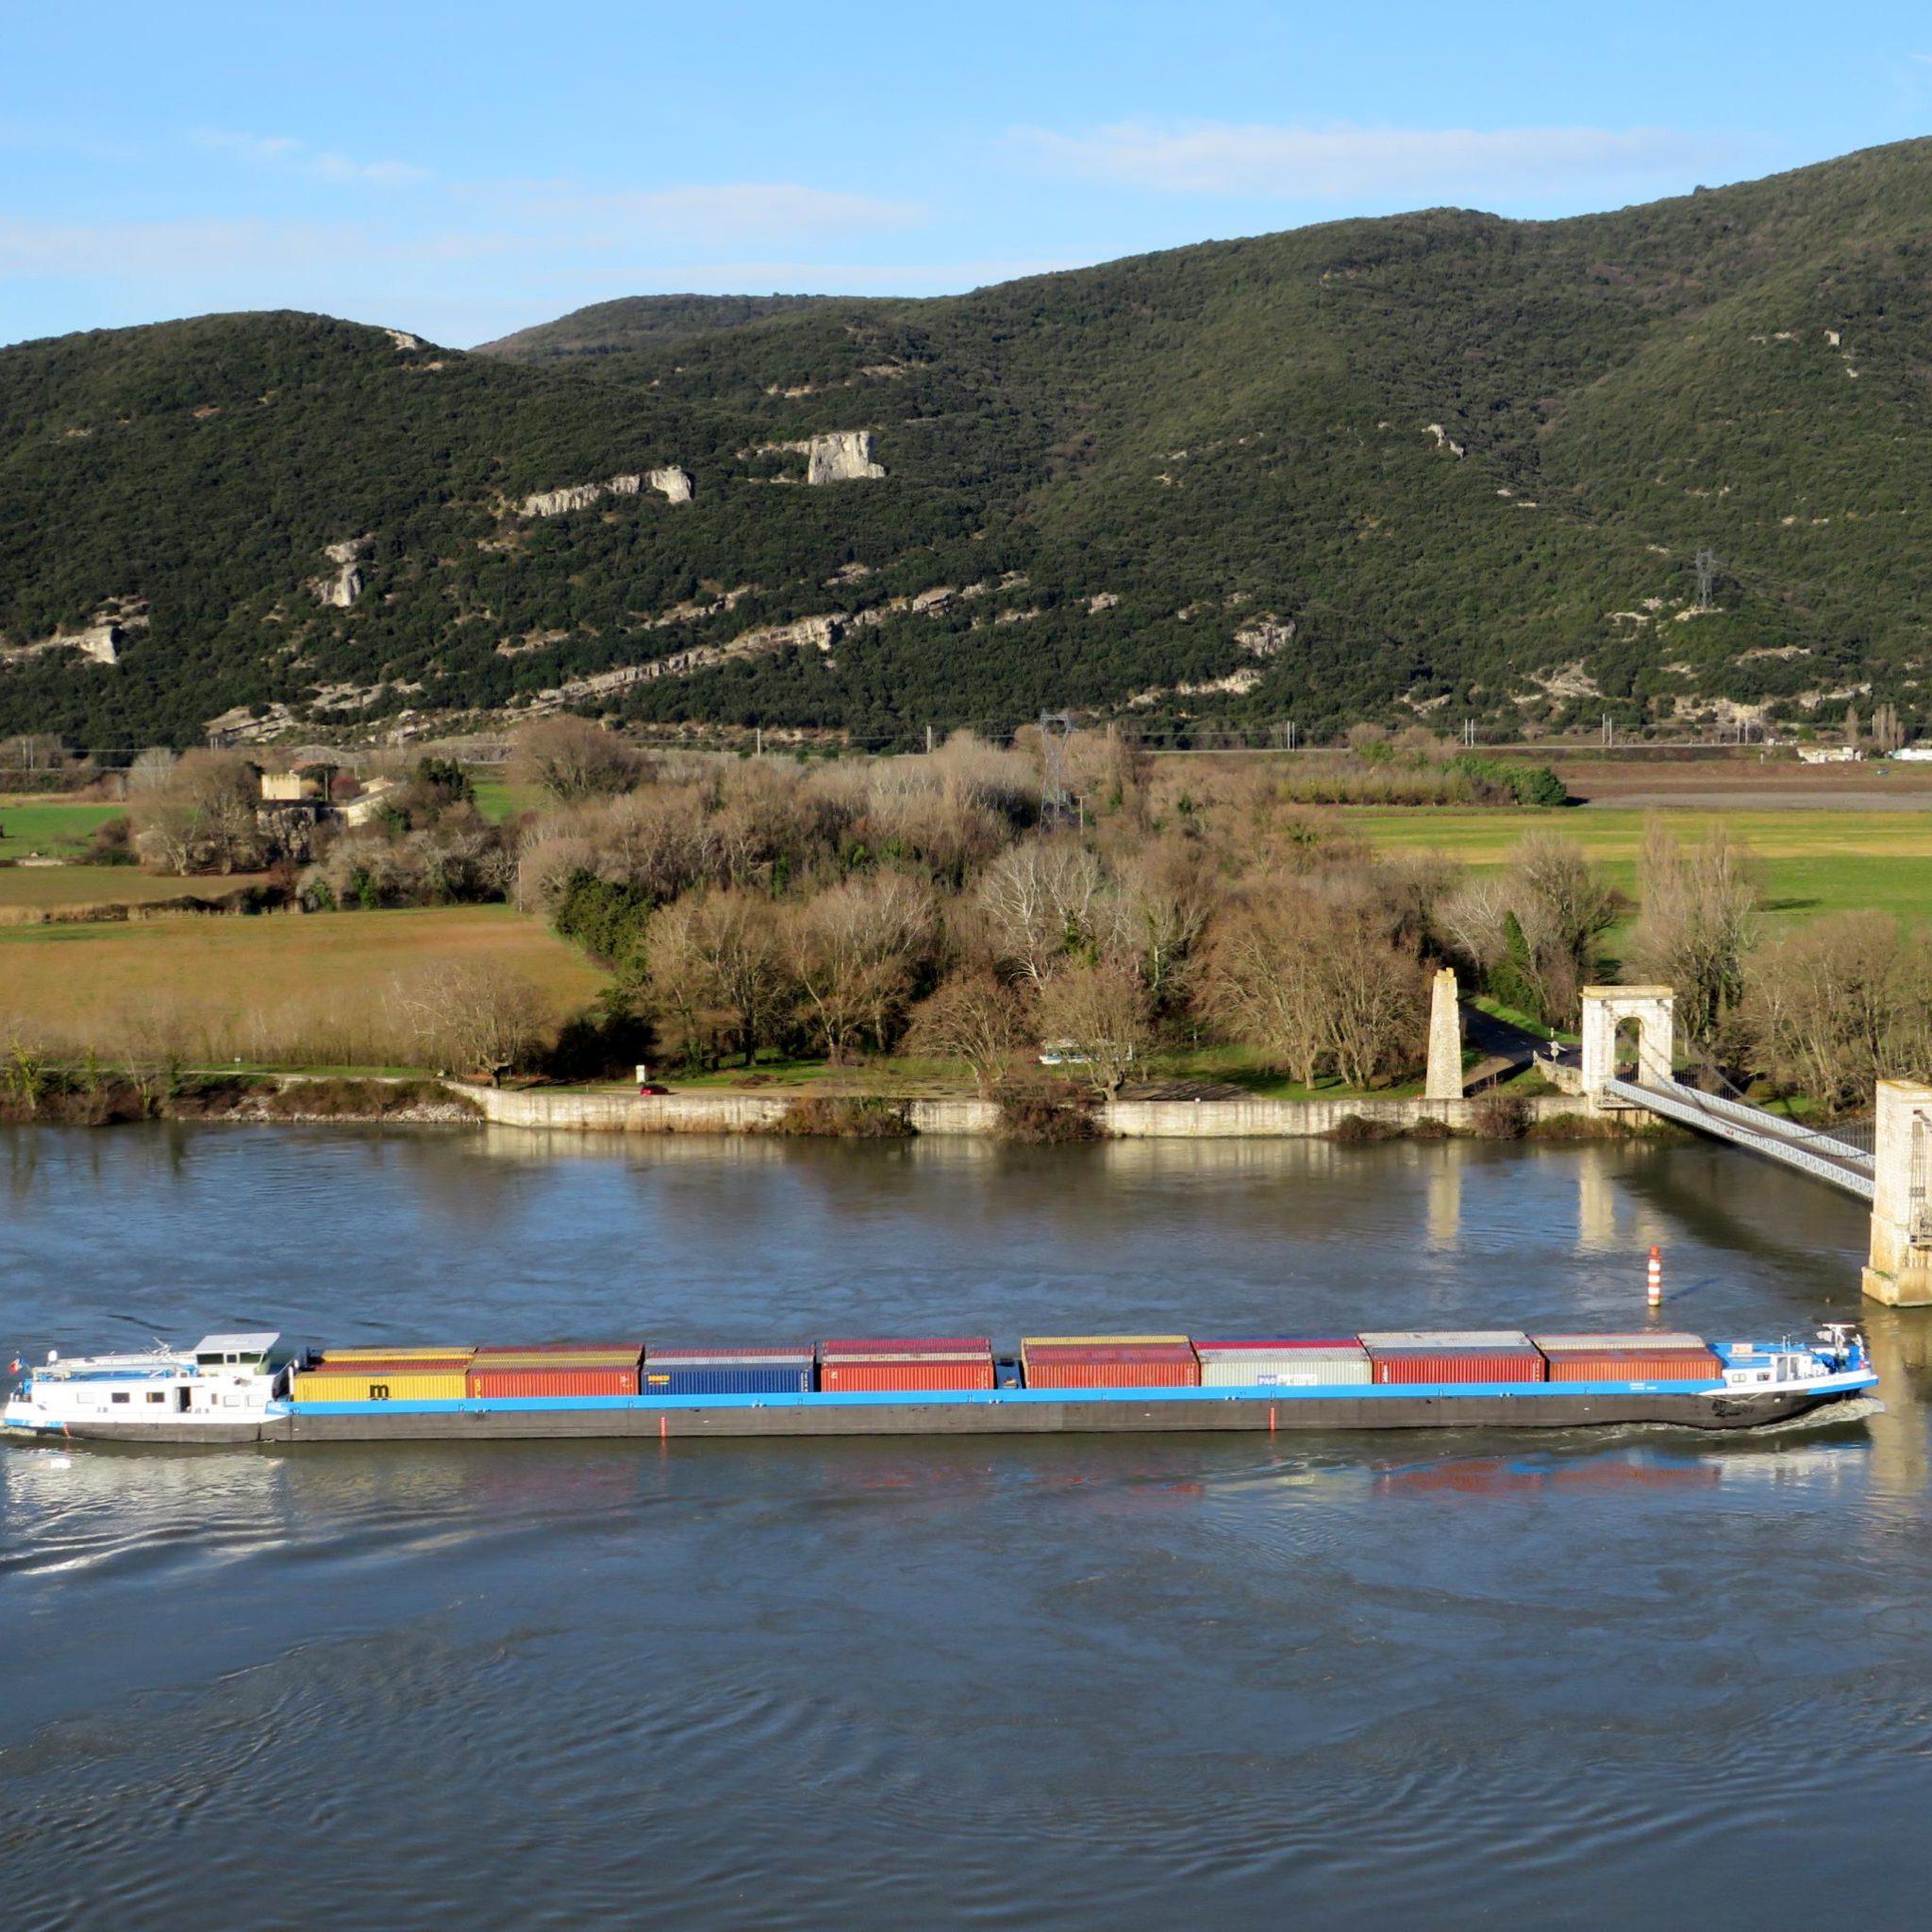 In het Rhône-Saônebekken daalde het vervoer over water vorig jaar met twintig procent. Dat kwam niet alleen door corona, maar ook door een langdurige stremming van sluis Sablons.